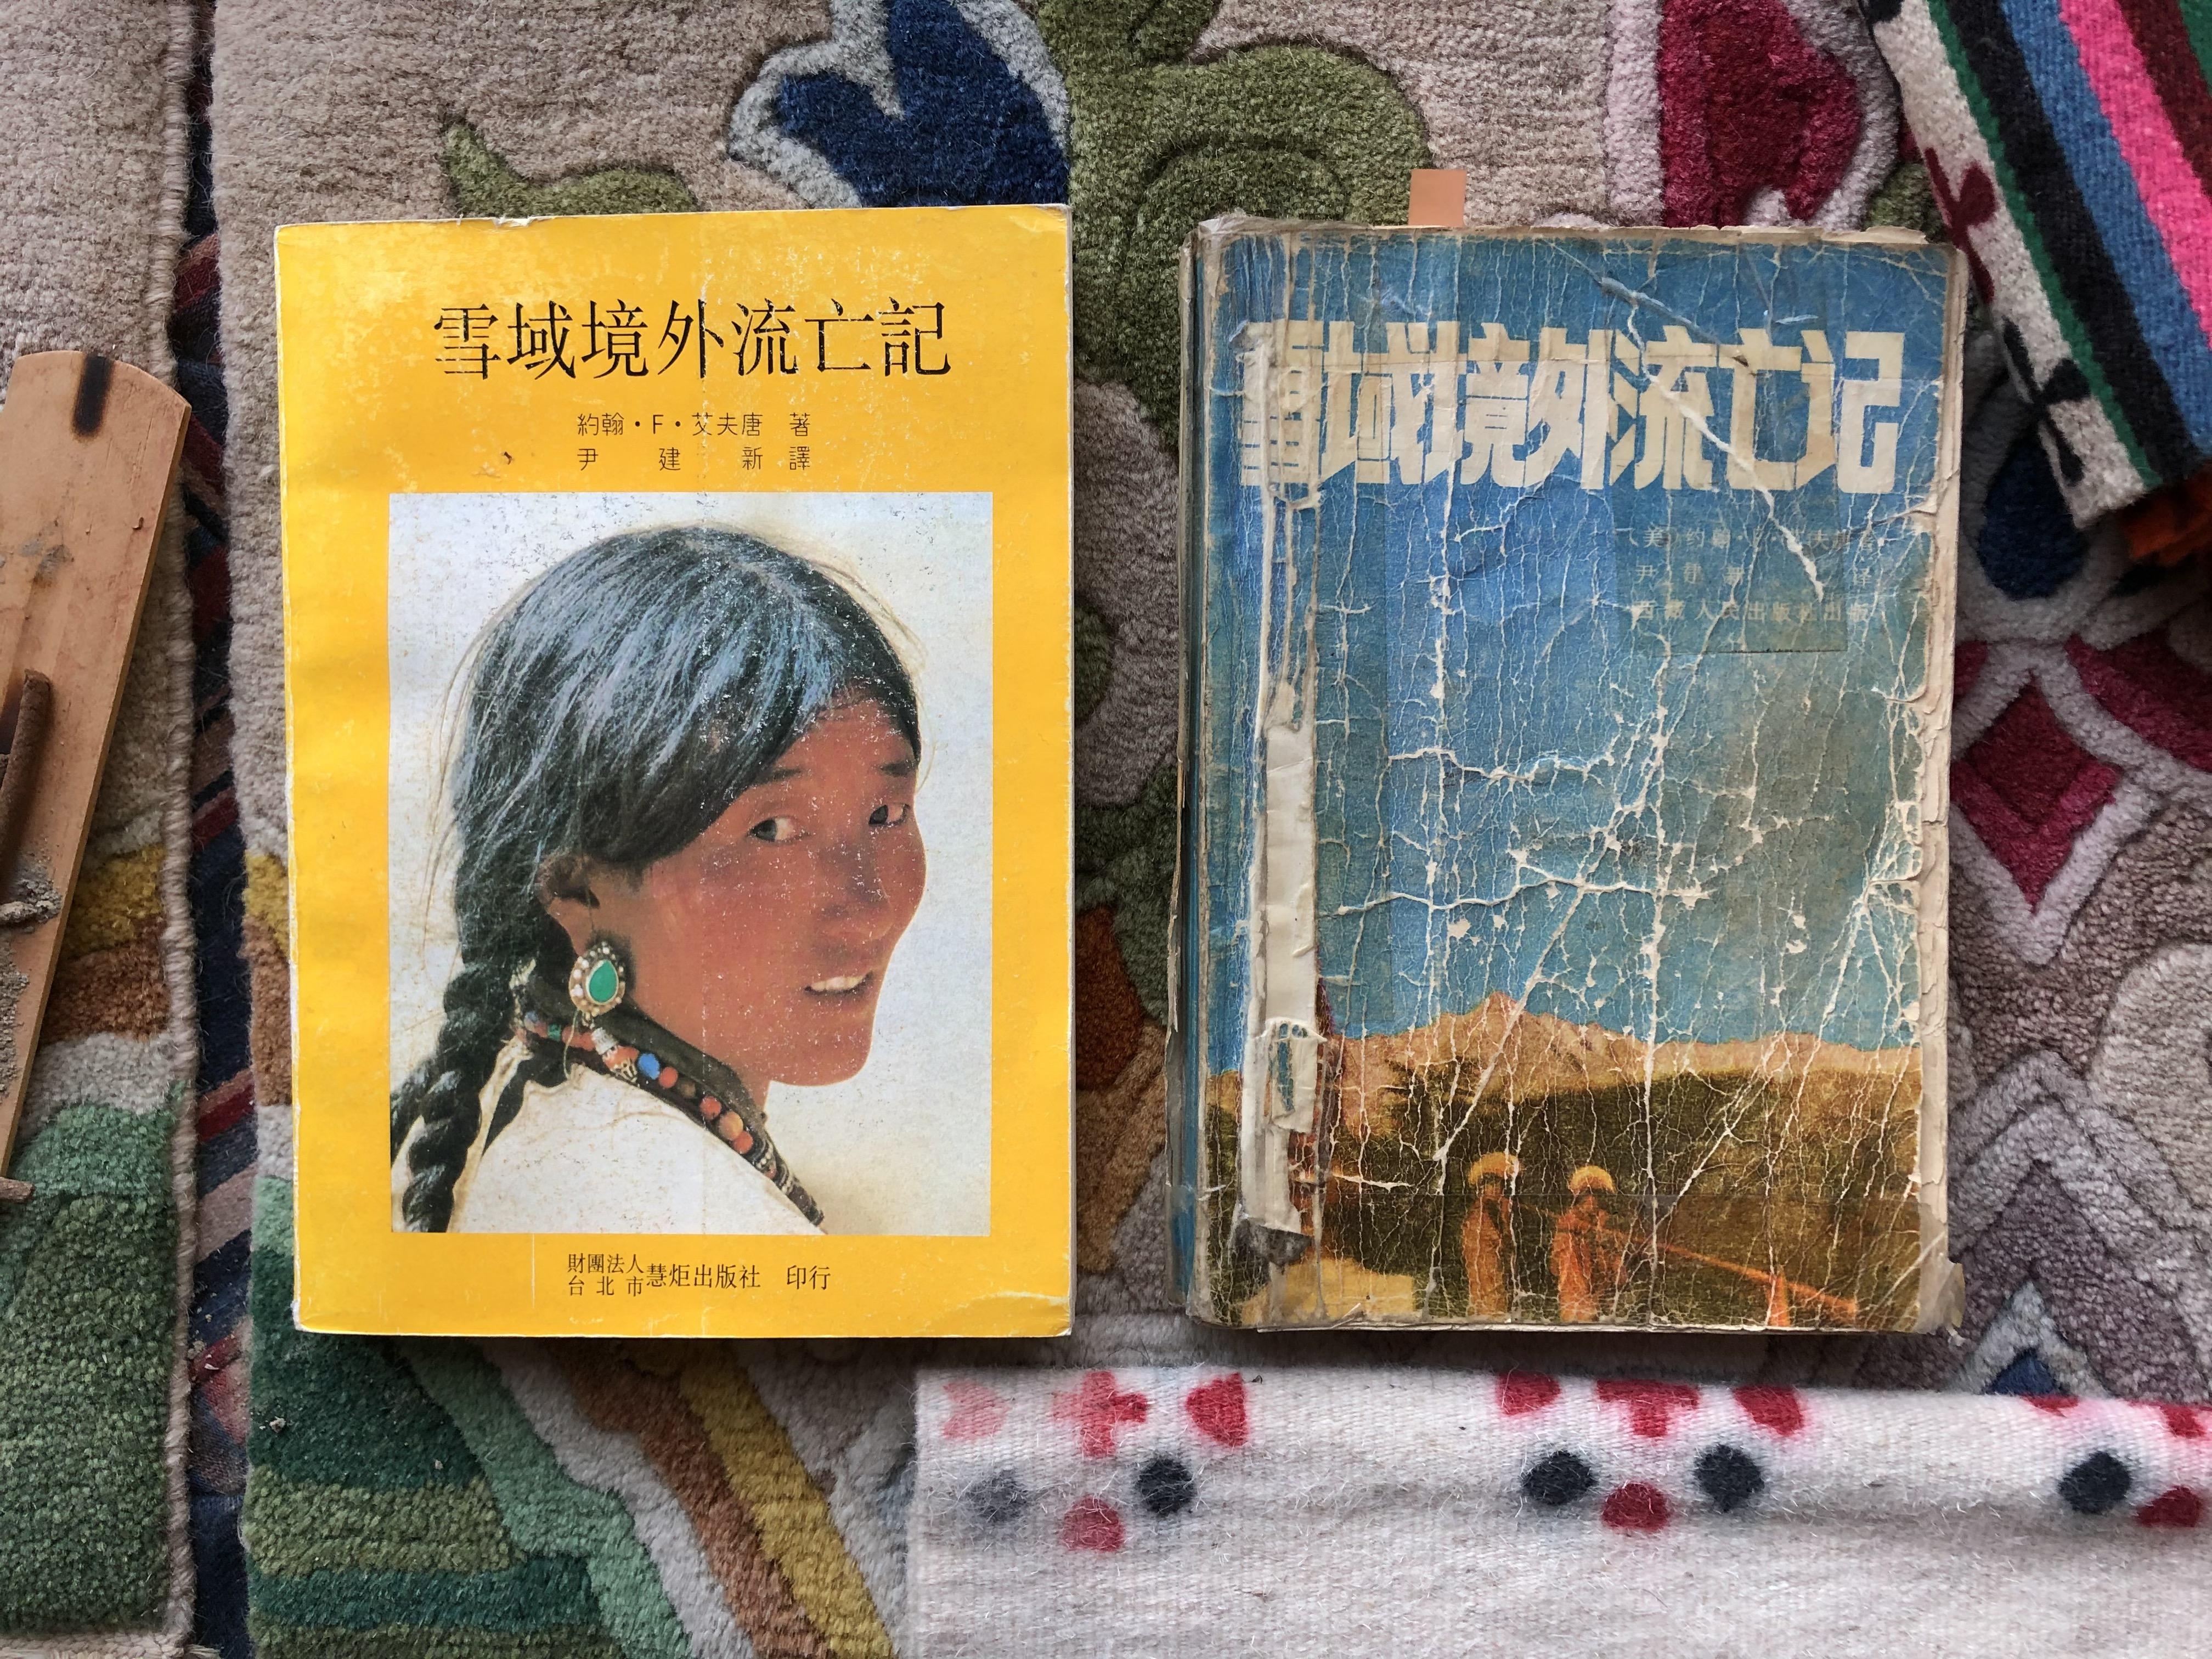 我收藏的《雪域境外流亡记》两个中文版本,右为1987年在拉萨出版的禁书,左为后来在台湾出版。(唯色拍摄)